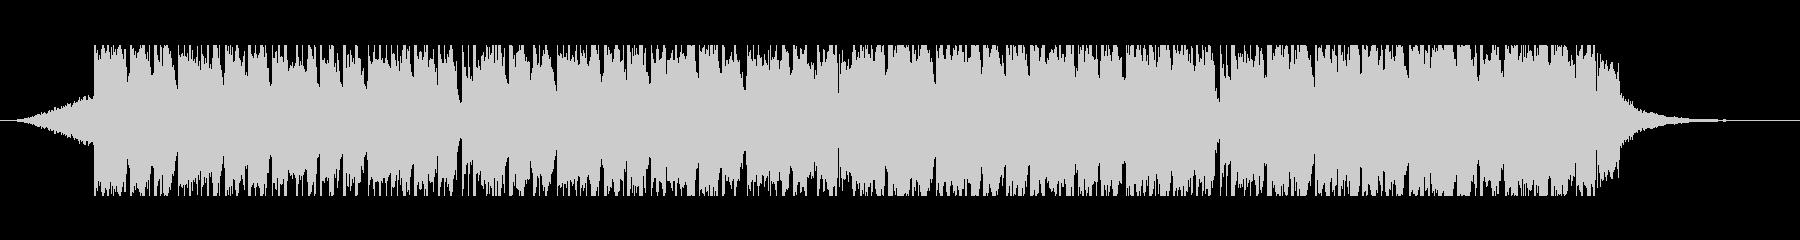 オリエンタル(50秒)の未再生の波形